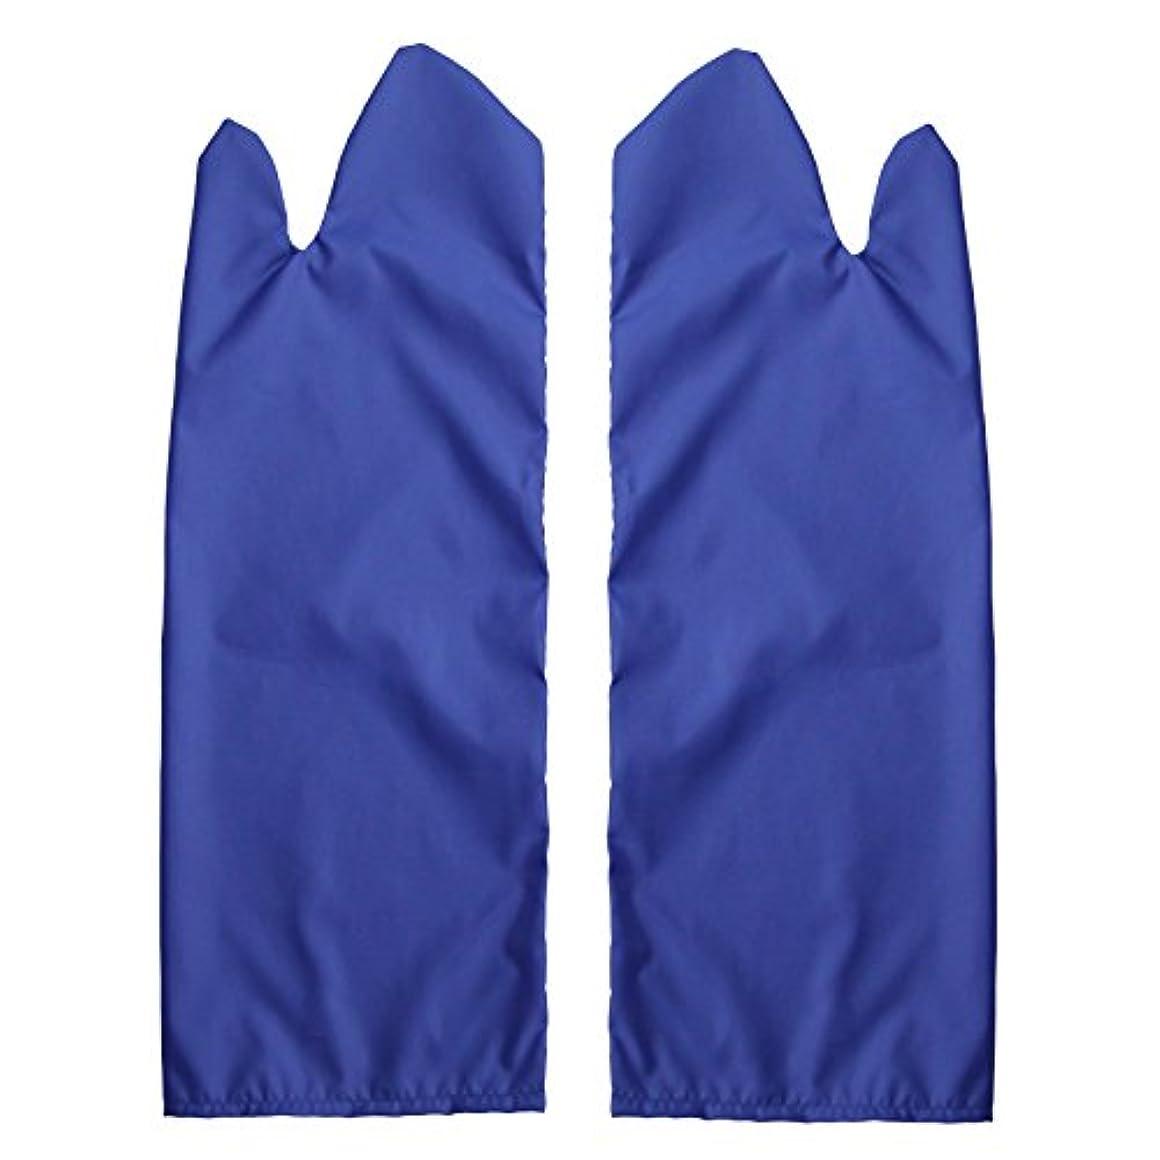 促す忌避剤リフト体位変換用スライディンググローブ 撥水(ブルー) S /7-3681-02